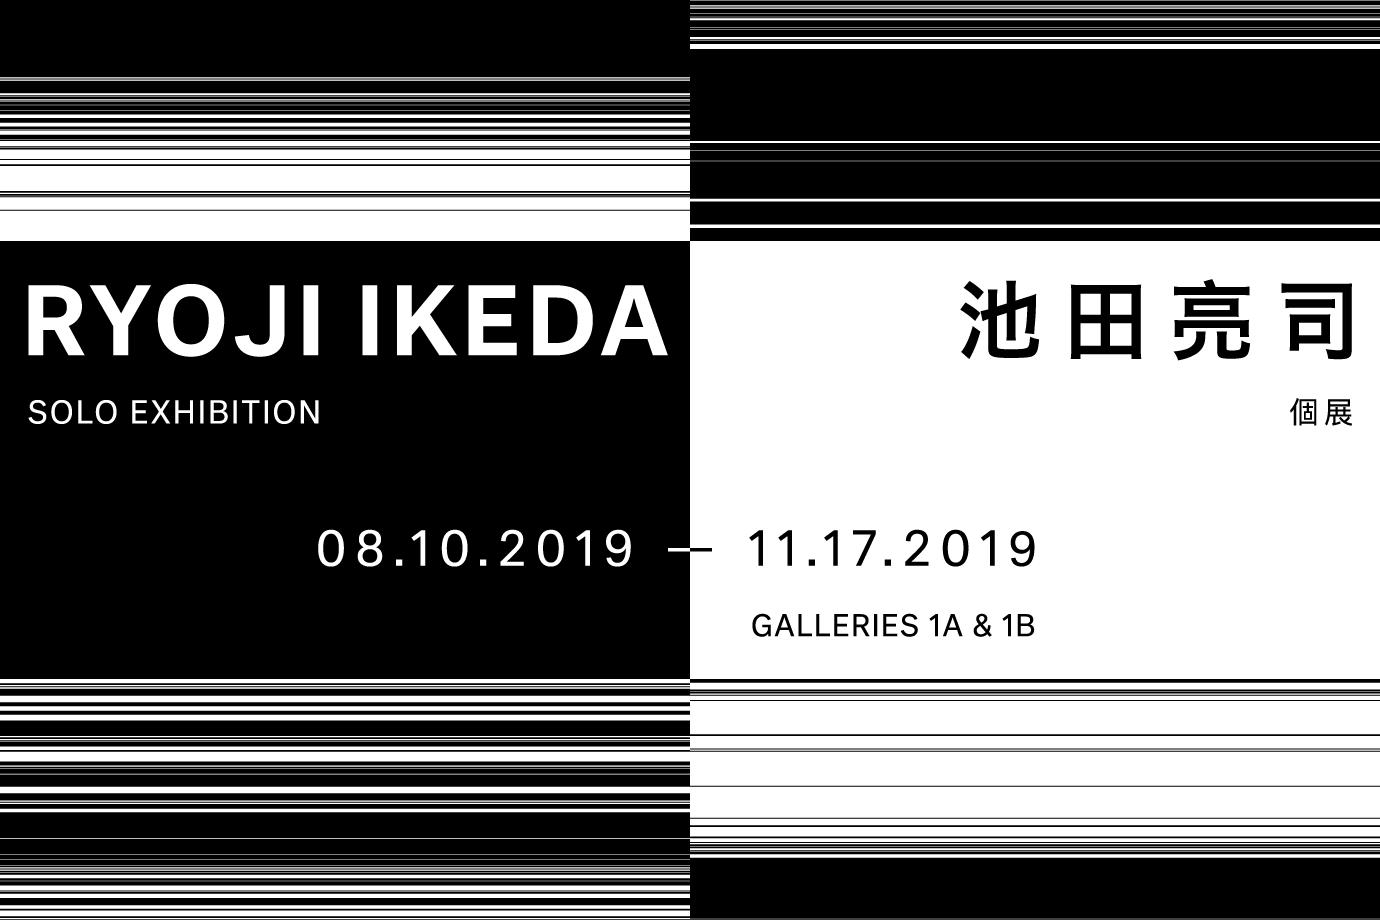 臺北市立美術館:2019/08/10-2019/11/17【池田亮司個展】